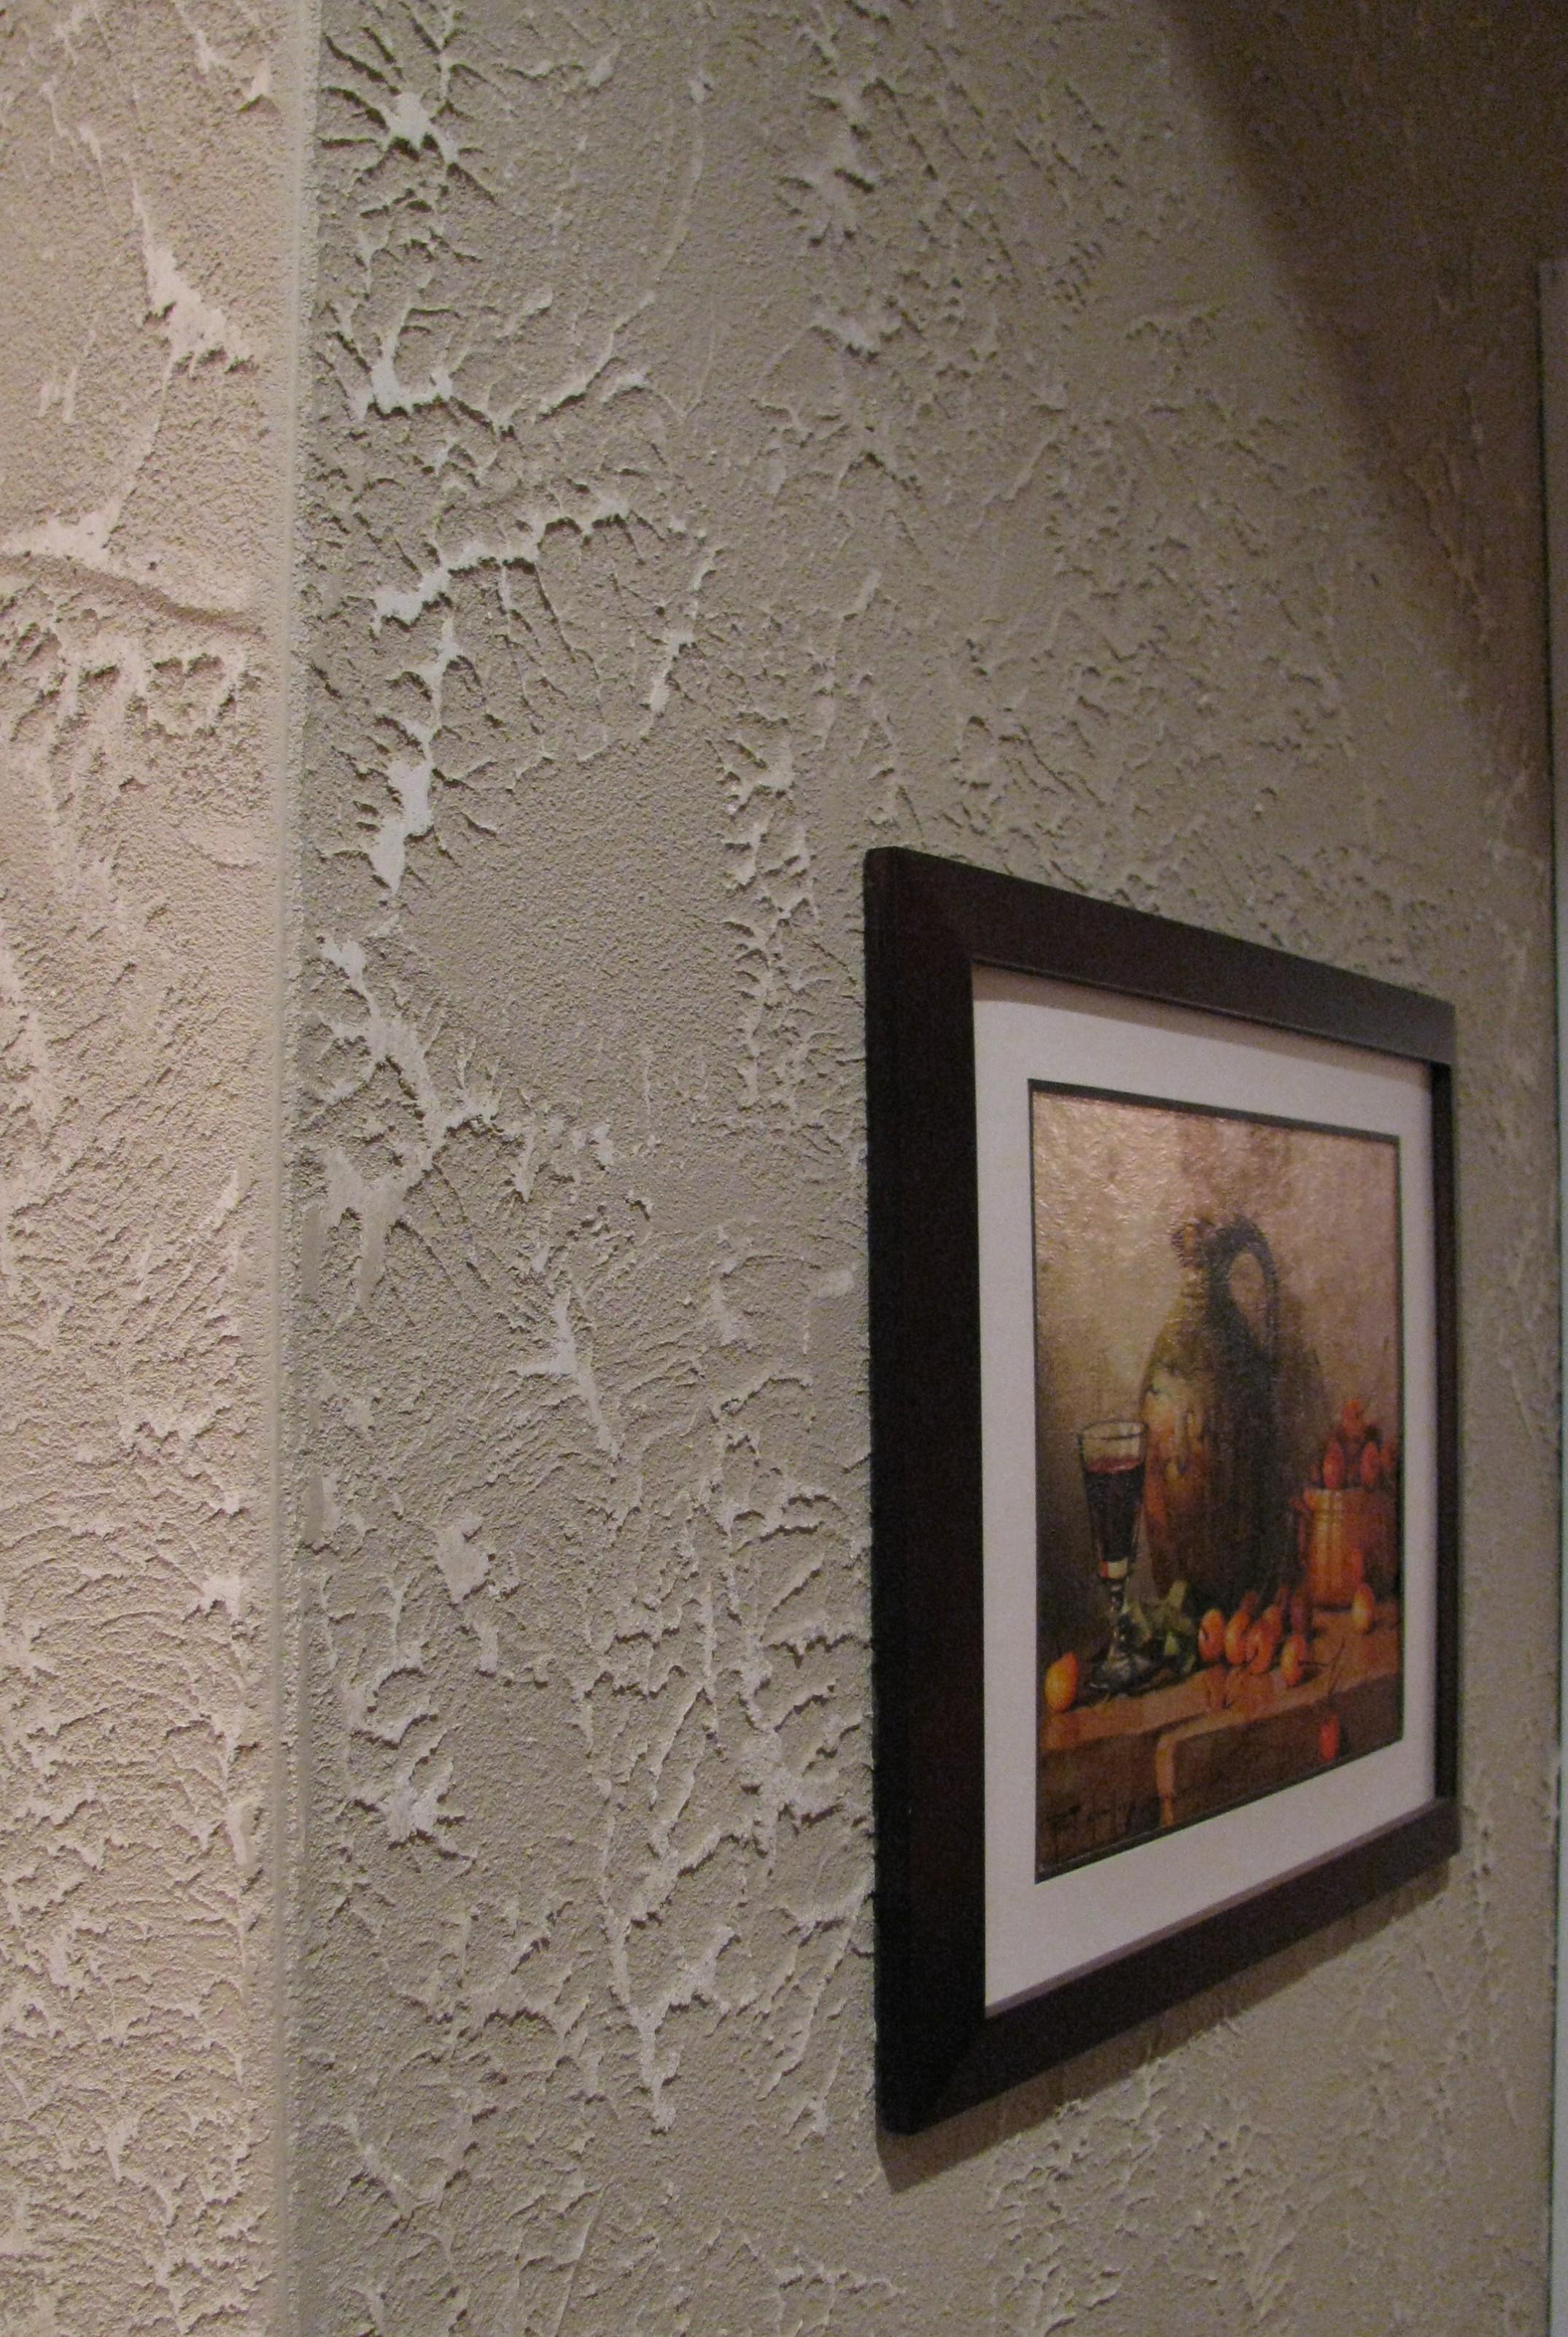 Comely Skip Trowel Wall Veneer Plaster Dallas Plastering Skip Trowel Texture S Skip Trowel Texture Or Knockdown houzz-03 Skip Trowel Texture